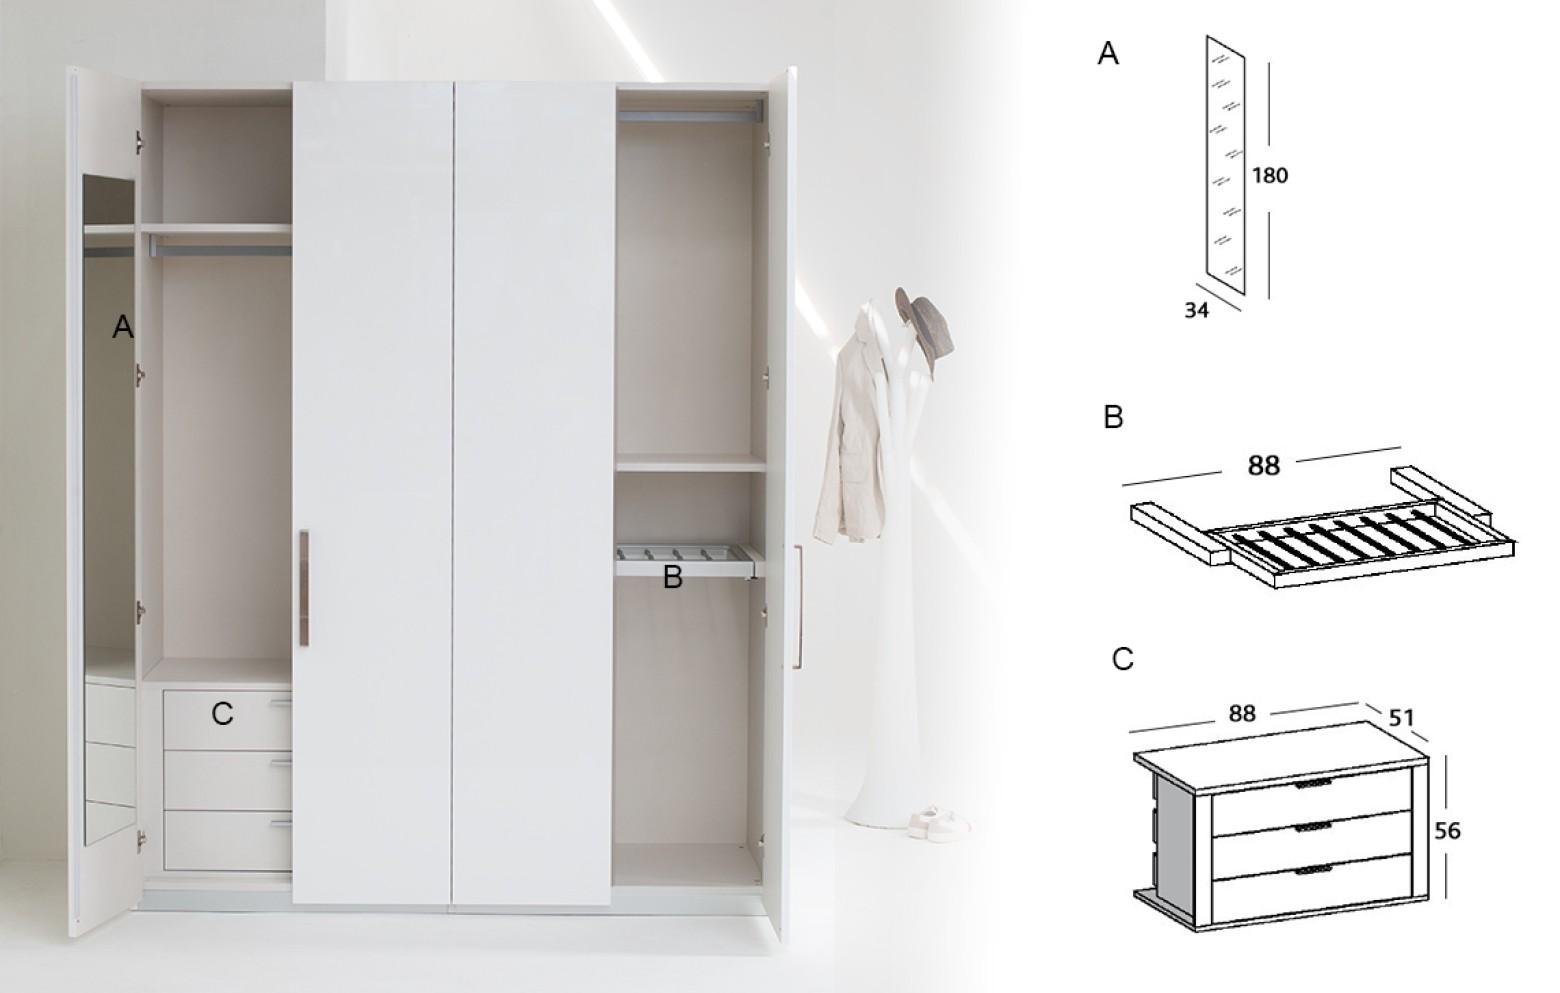 Anspruchsvoll Kleiderschrank Mit Innenausstattung Galerie Von Img